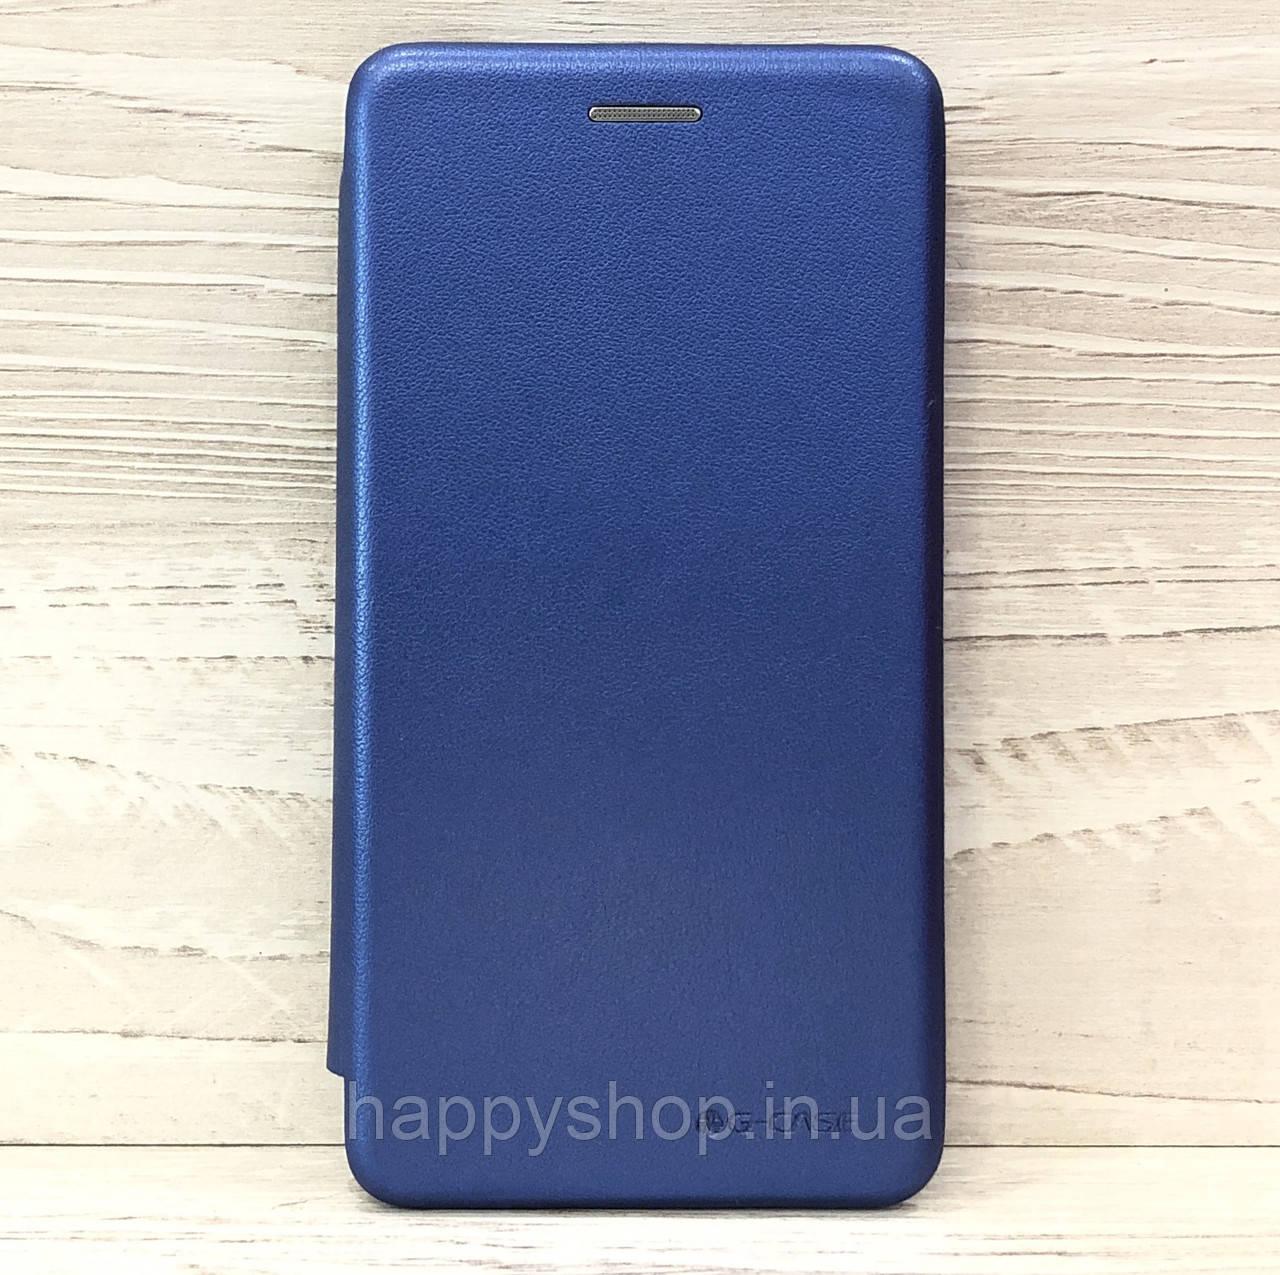 Чехол-книжка G-Case для Samsung Galaxy J2 Core (J260) Синий